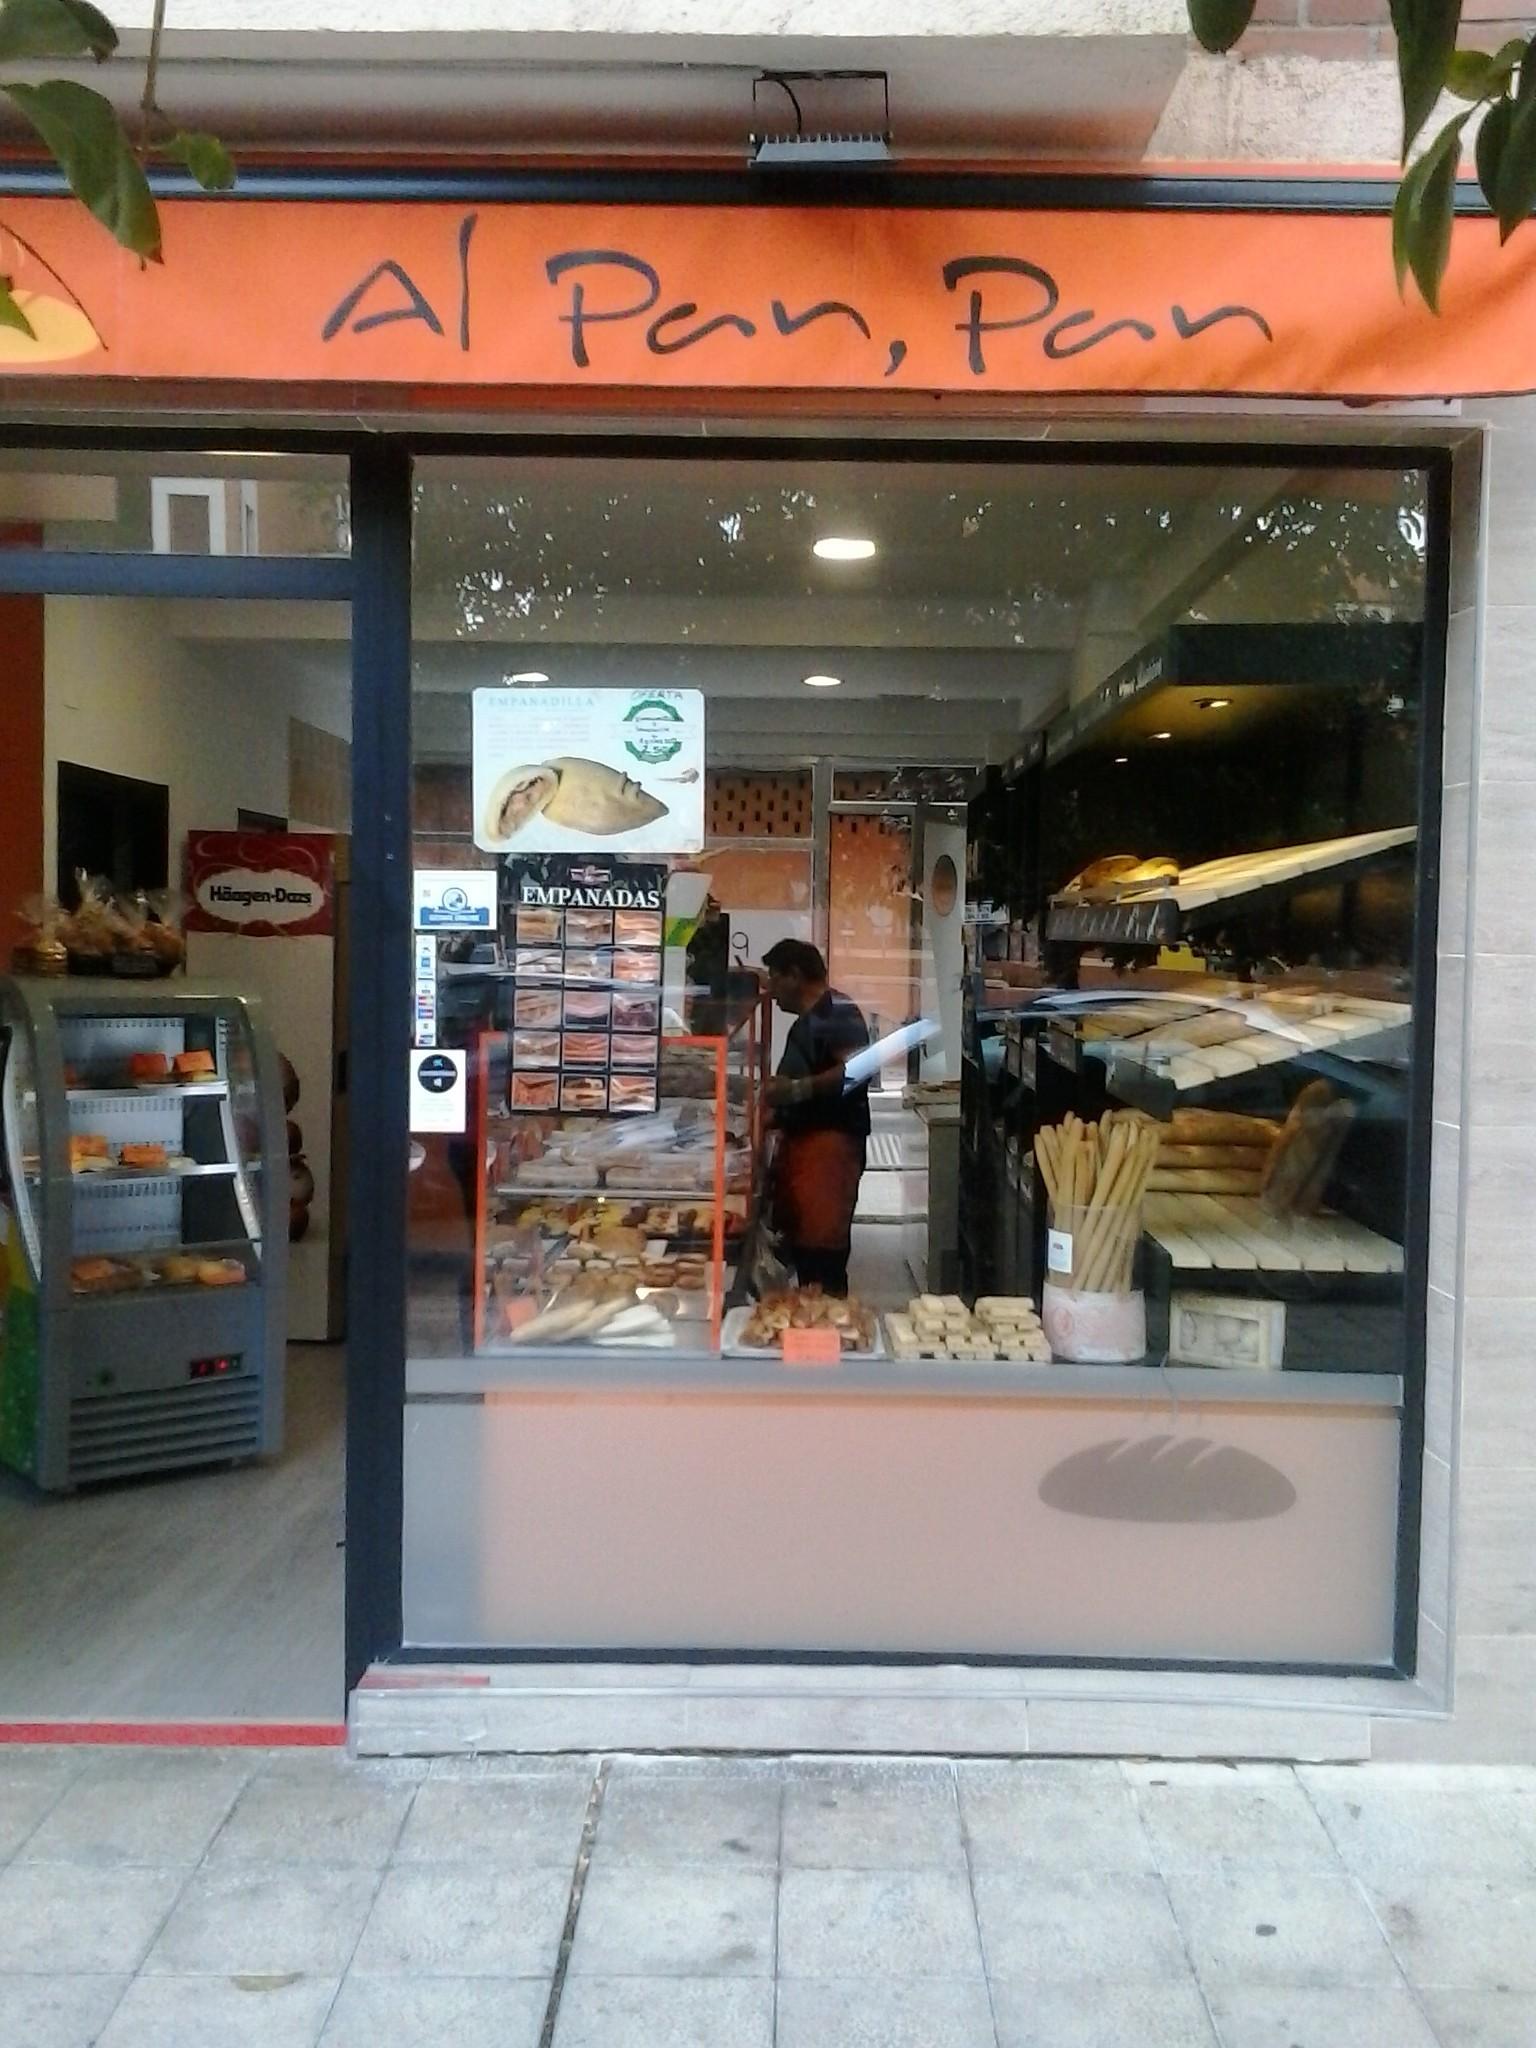 Panadería celíacos Al pan, pan en Getafe